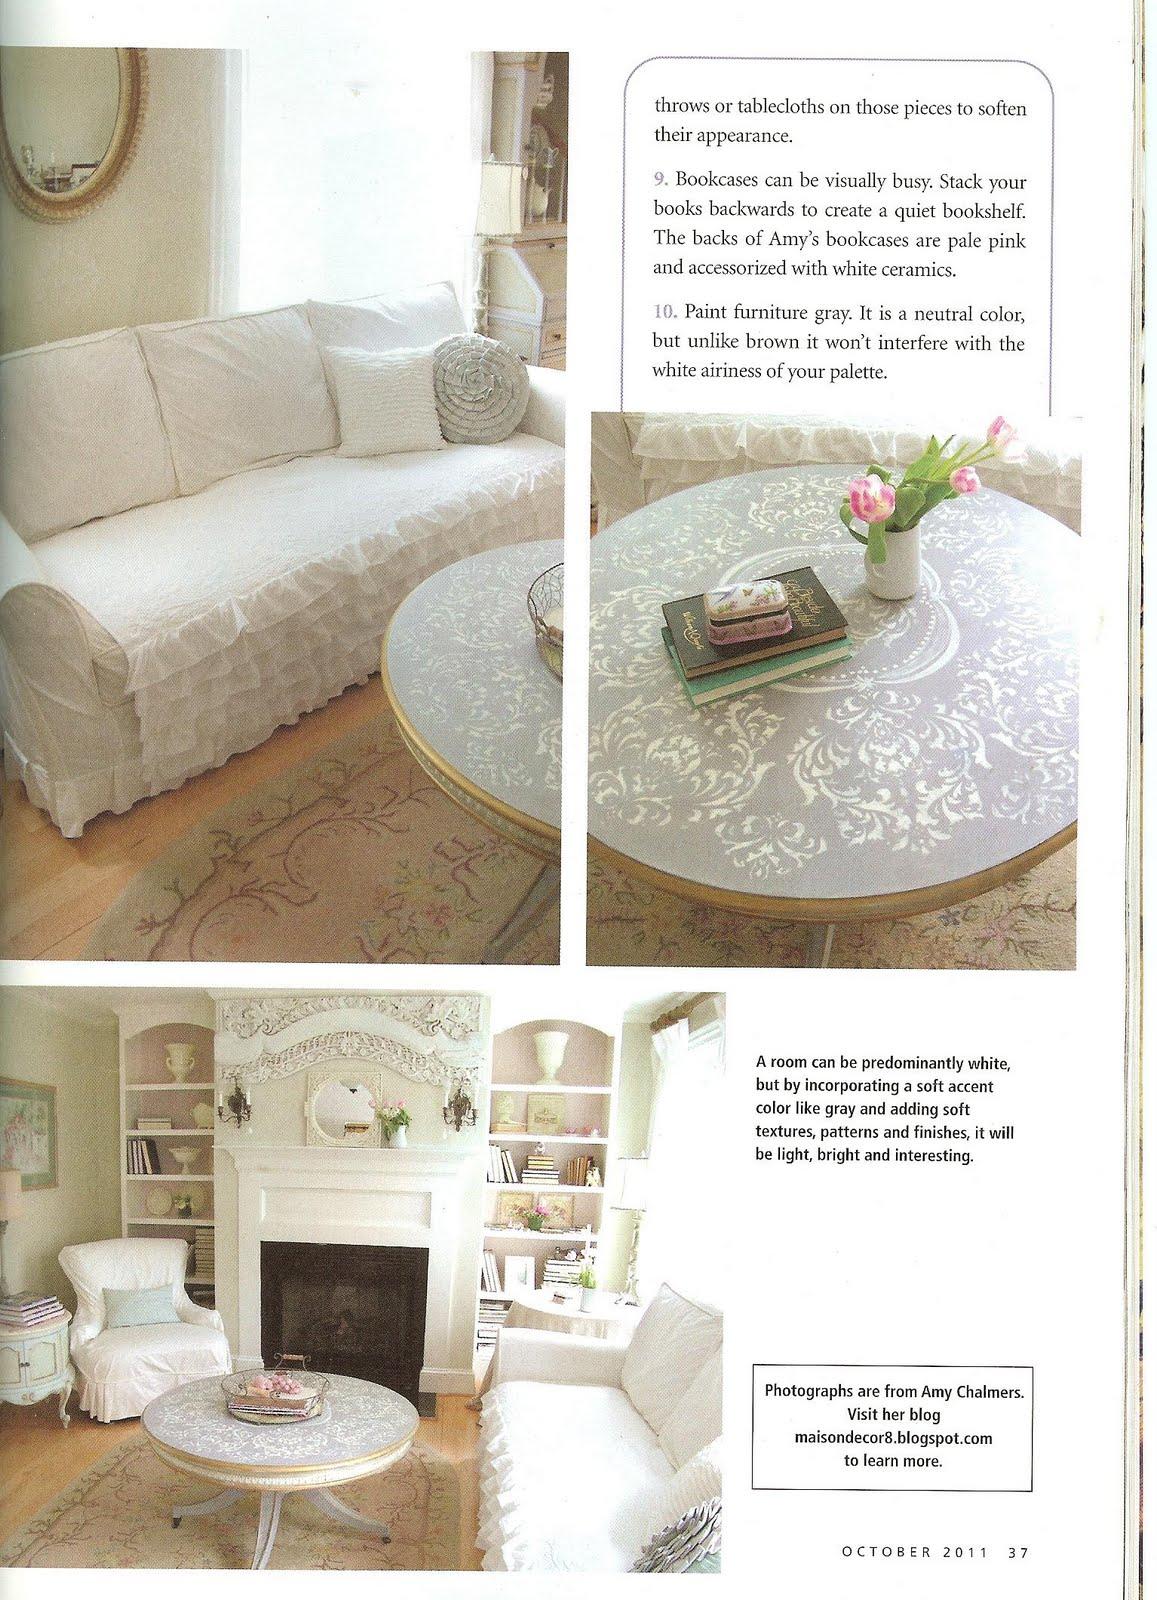 Maison decor a romantic homes mag feature scotchblue winner for Decoration maison winners